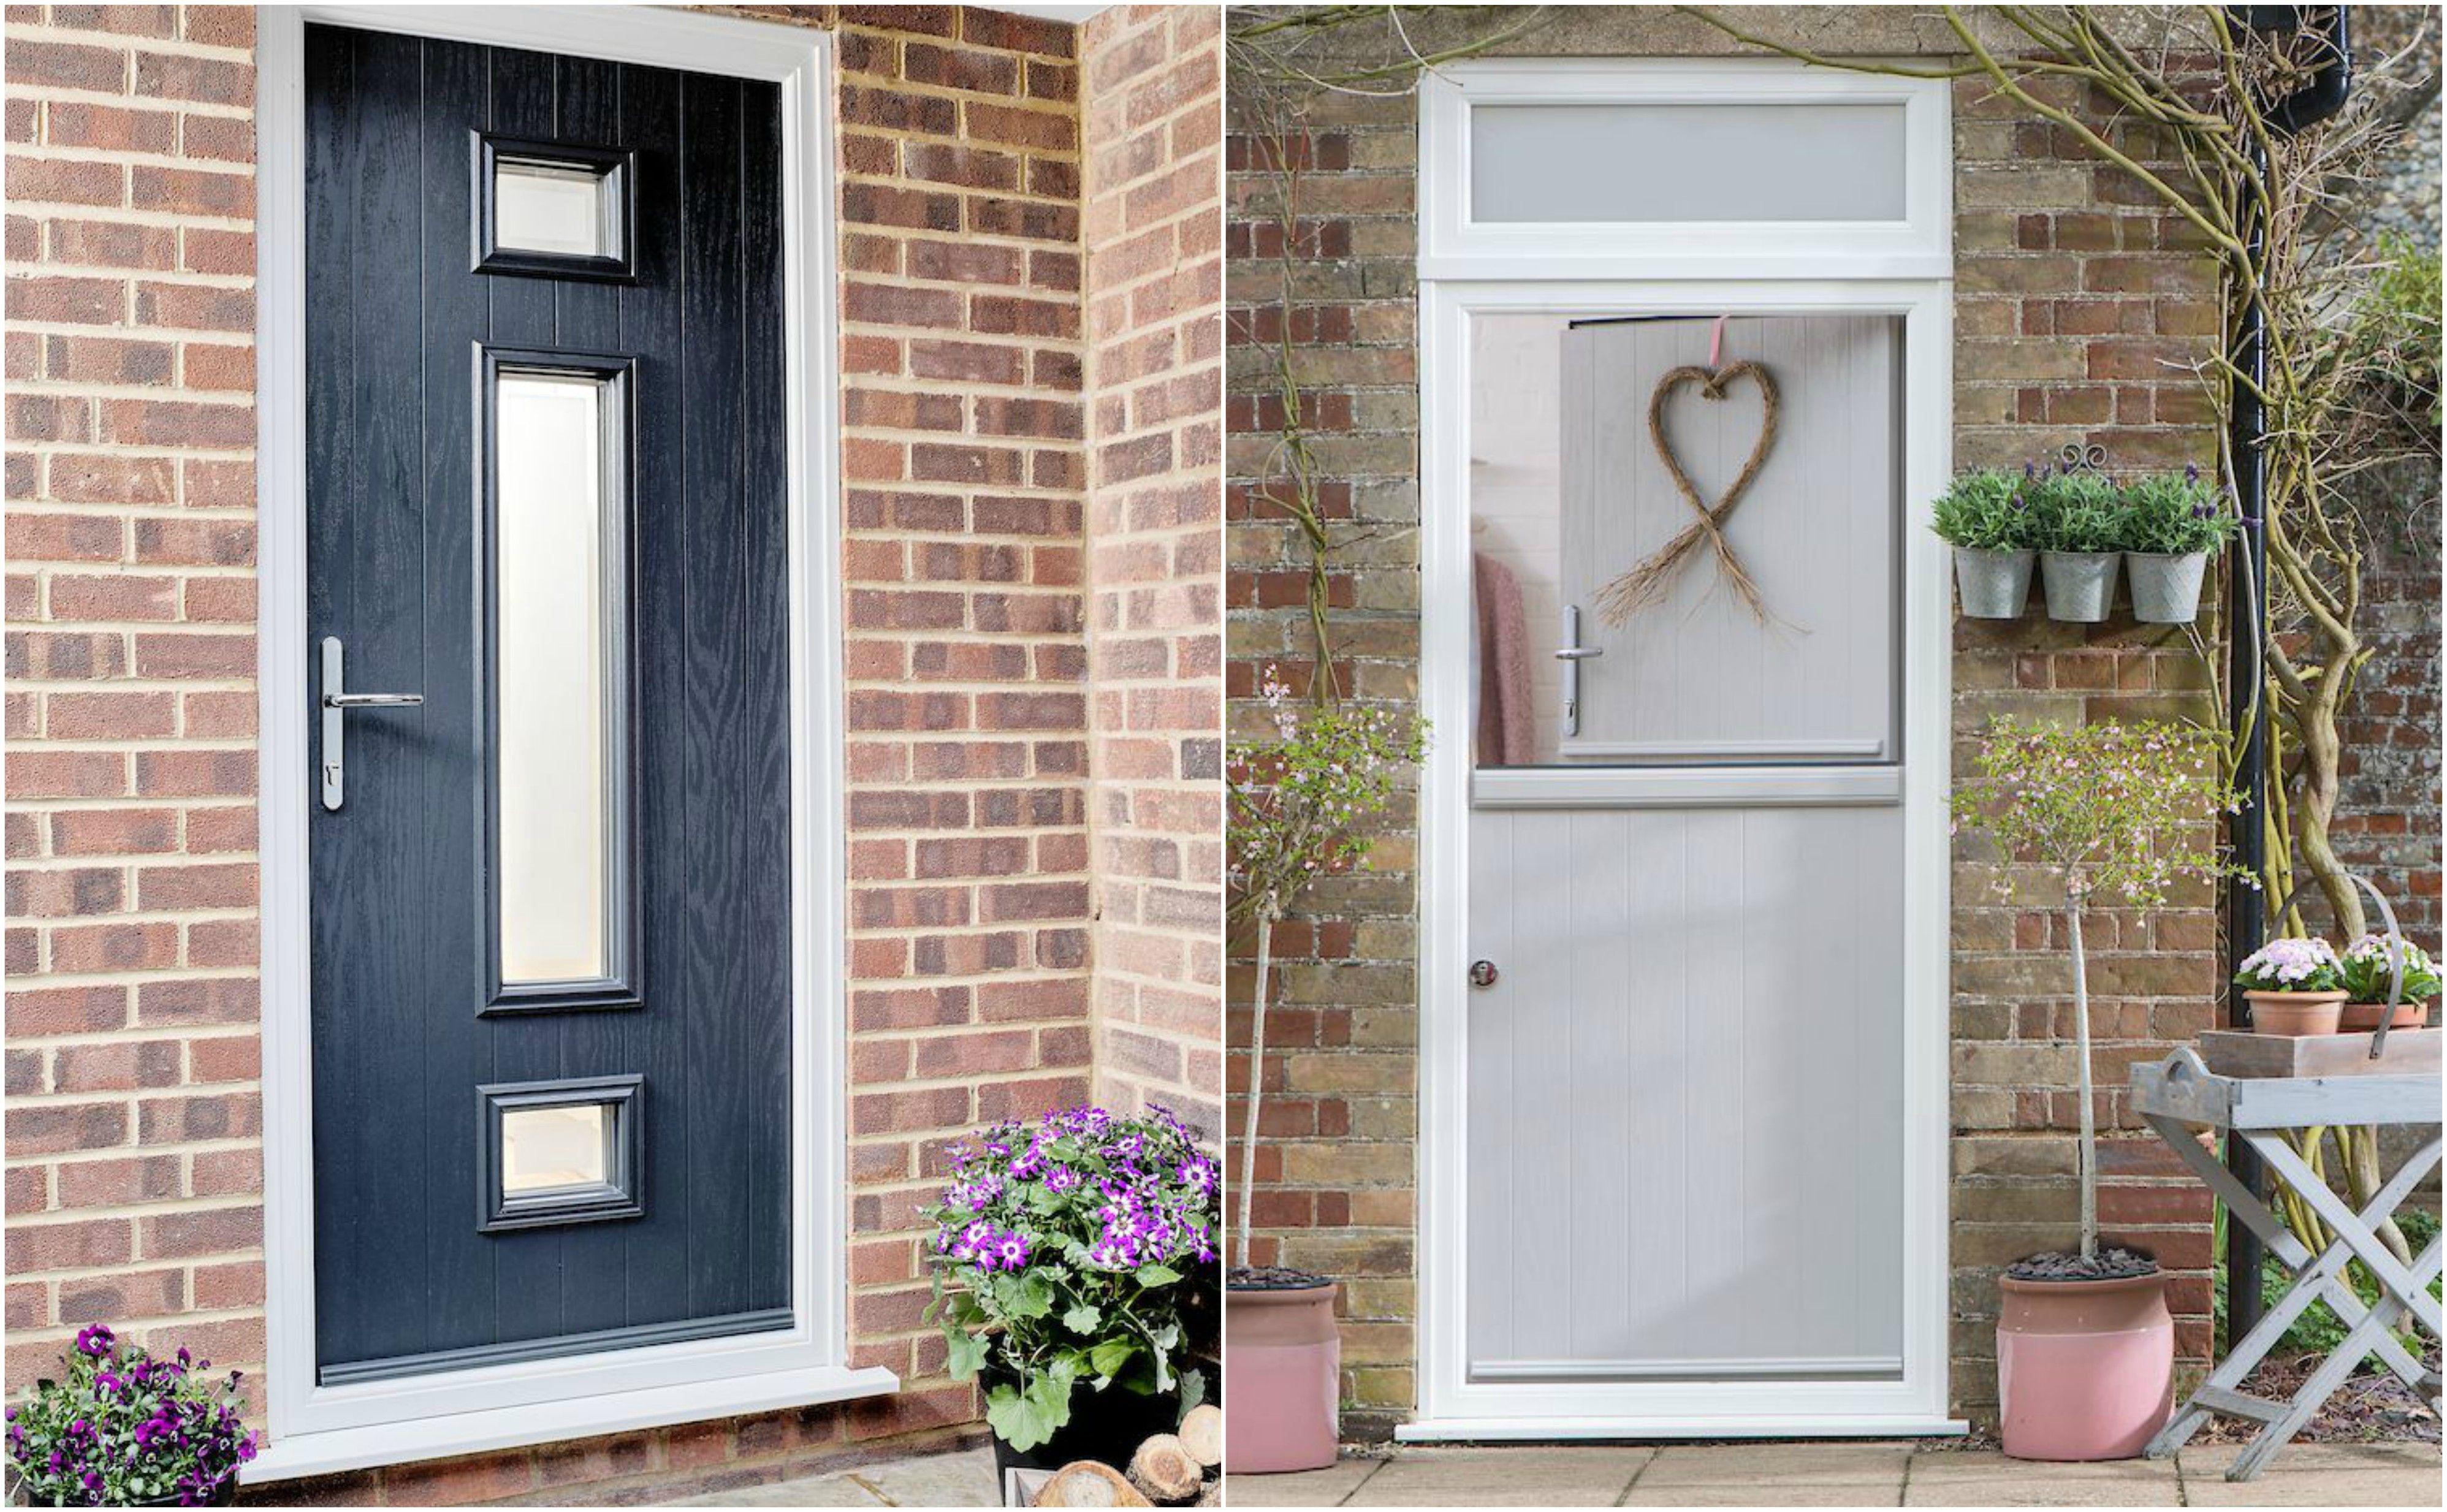 Introducing House Beautiful\u0027s new door collection with Everest & House Beautiful Door Collection with Everest - Composite Front Doors